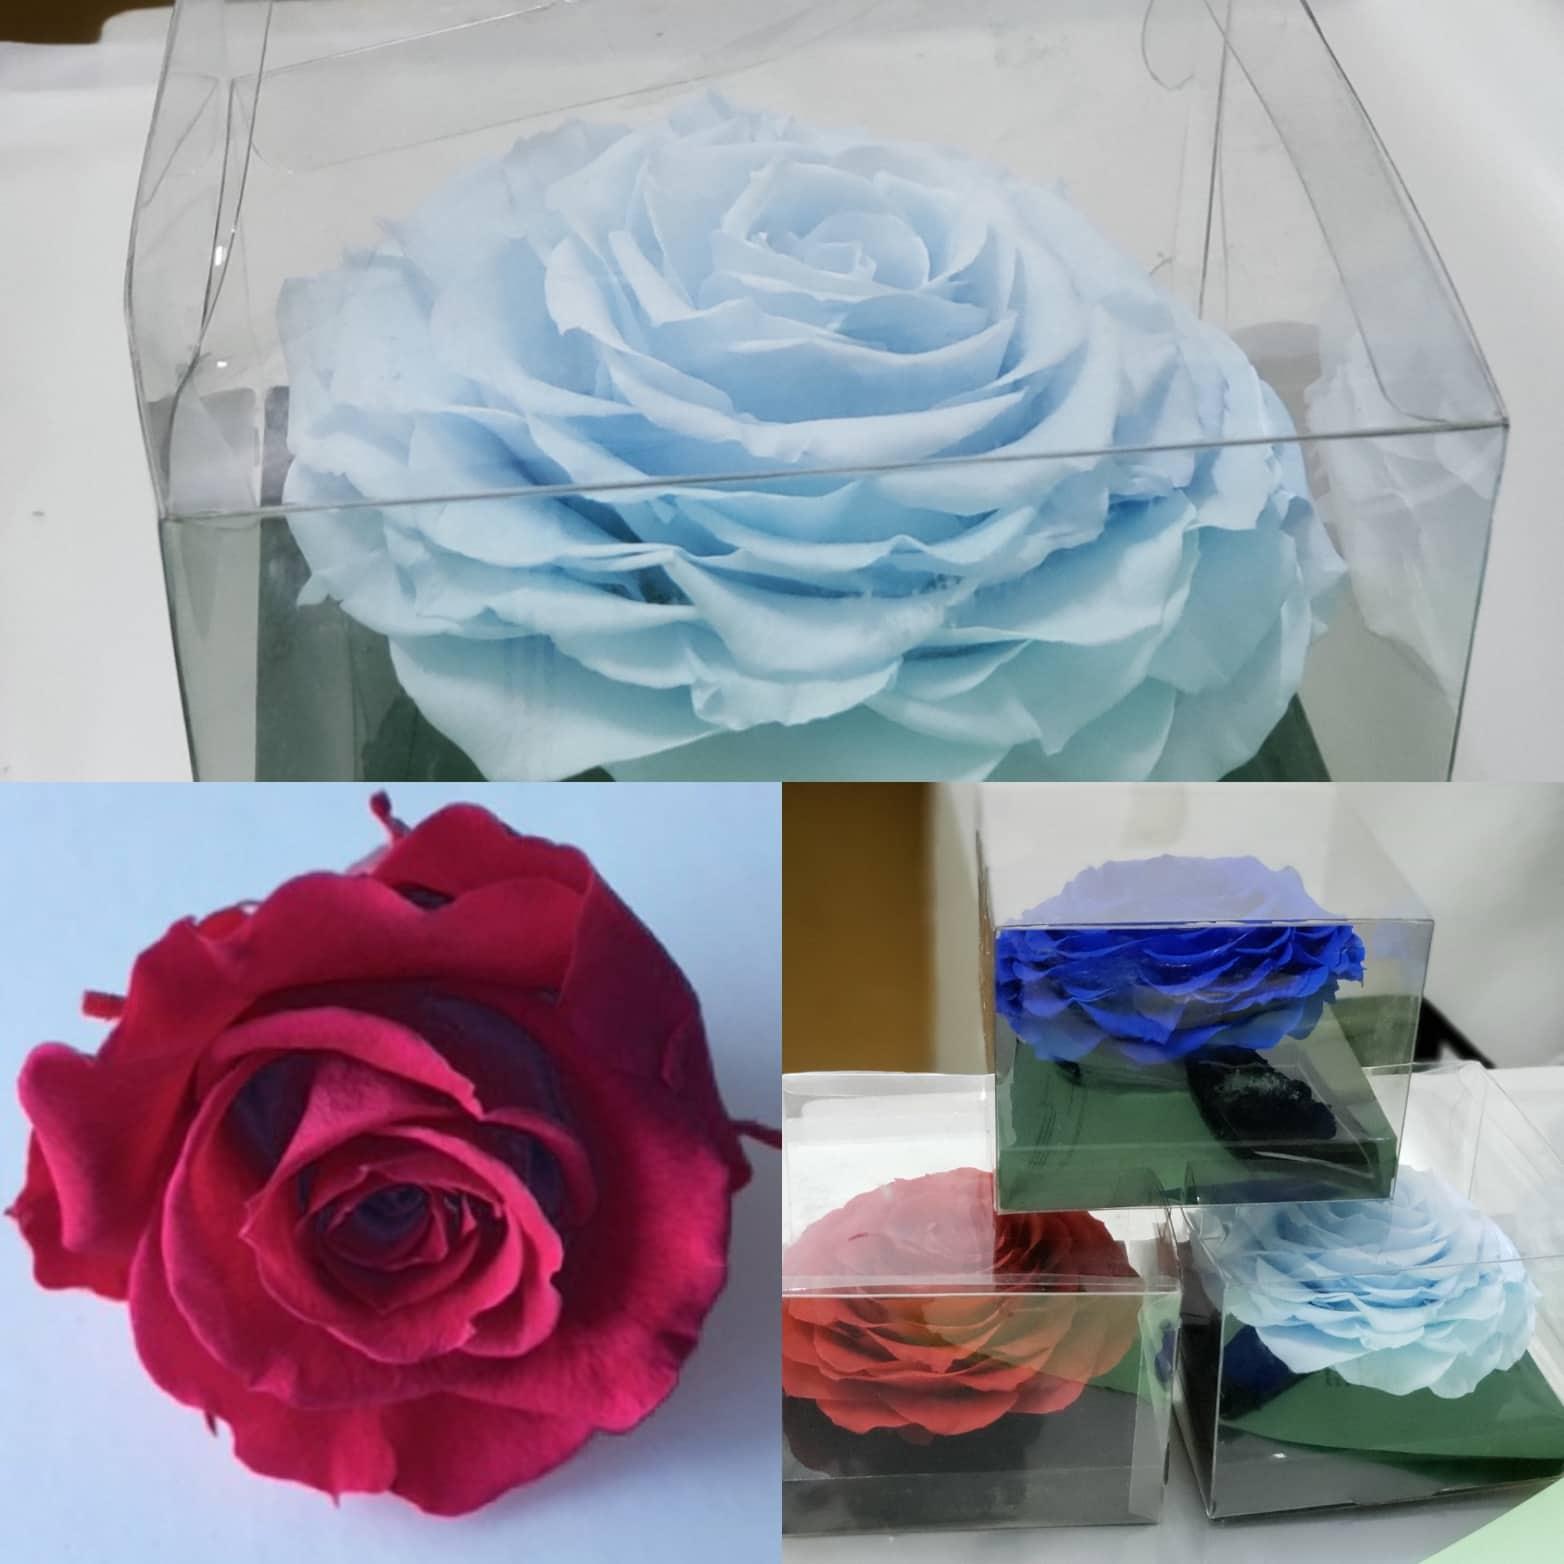 Preserved Rose in a Box